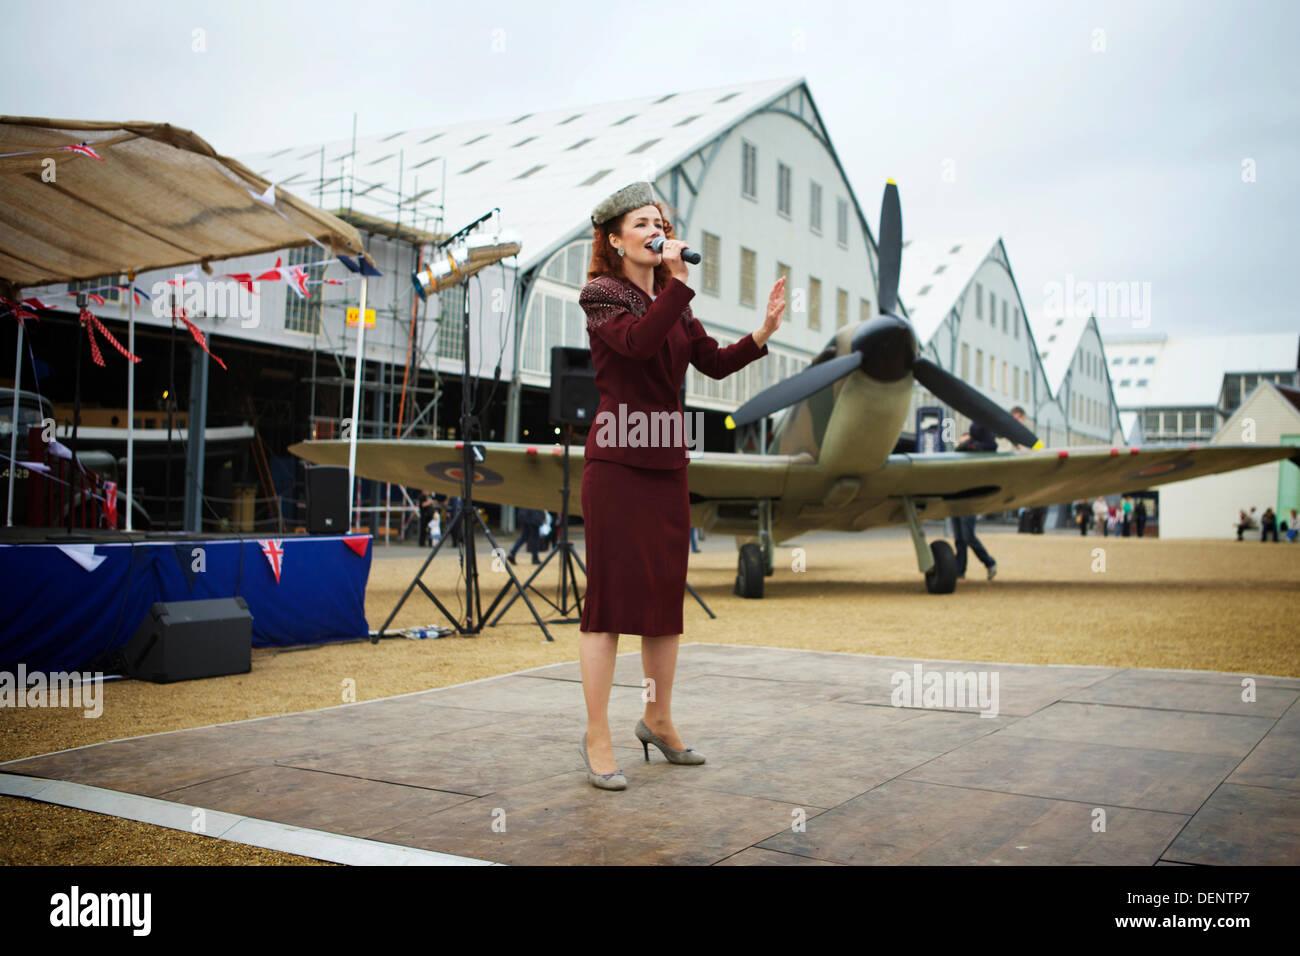 Chatham, UK. 21. September 2013. Gruß an die 40 - Großbritanniens 1940er Heimatfront Veranstaltung im Historic Dockyard Chatham. Spitfire / weibliche Sängerin Stockbild